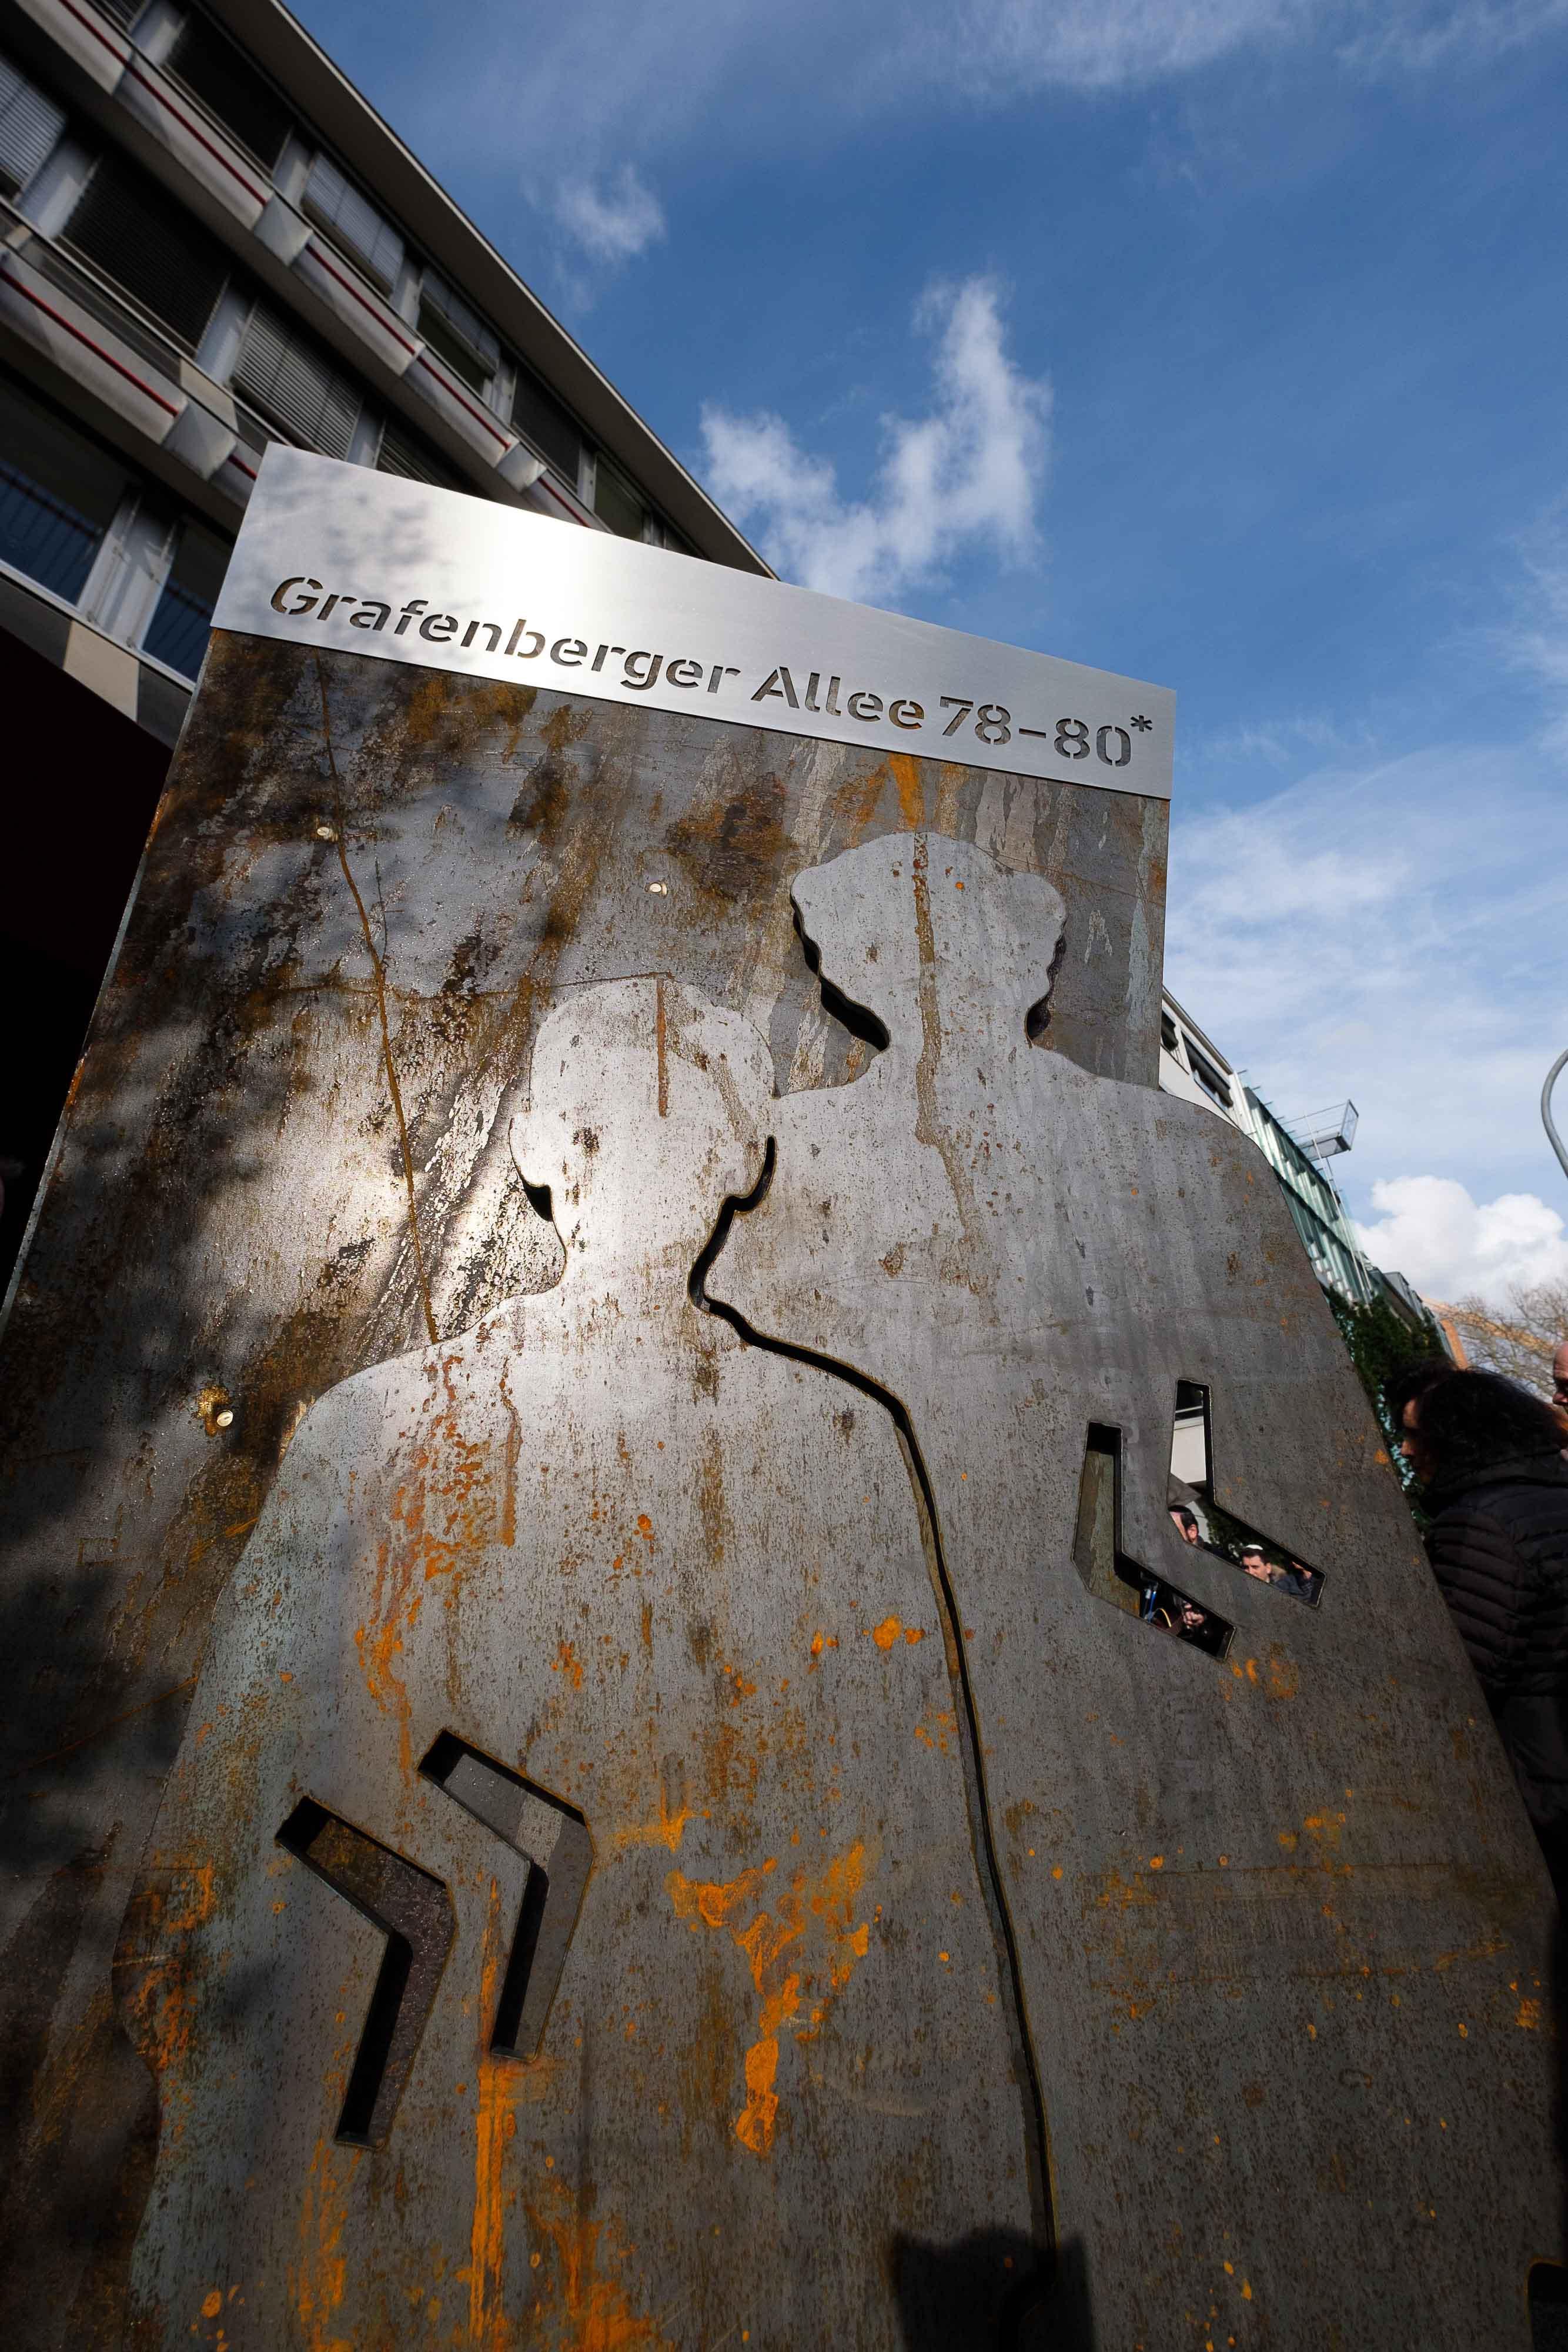 Erinnerungszeichen wird zukünftig an der Grafenberger Allee 78 auf die besondere Historie hinweisen (Foto: Stadt Düsseldorf/Uwe Schaffmeister)